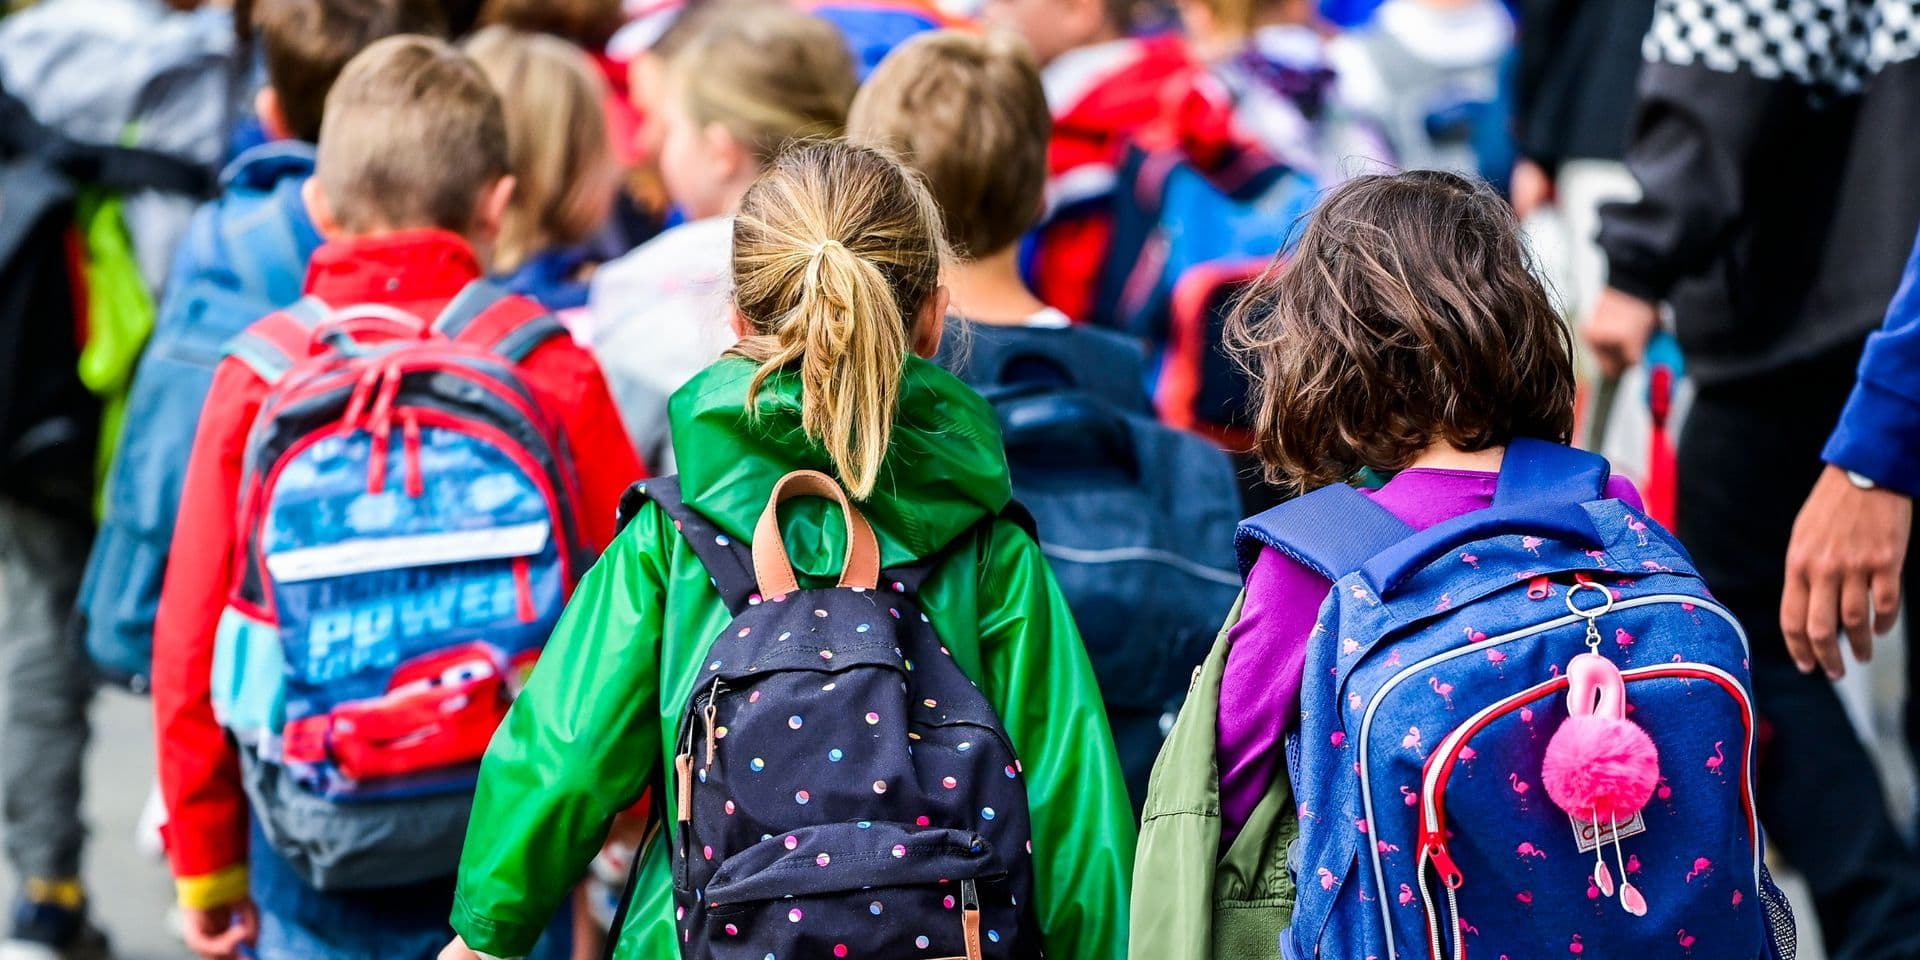 Premiers cas positifs de Covid-19 dans trois écoles de la région du Centre